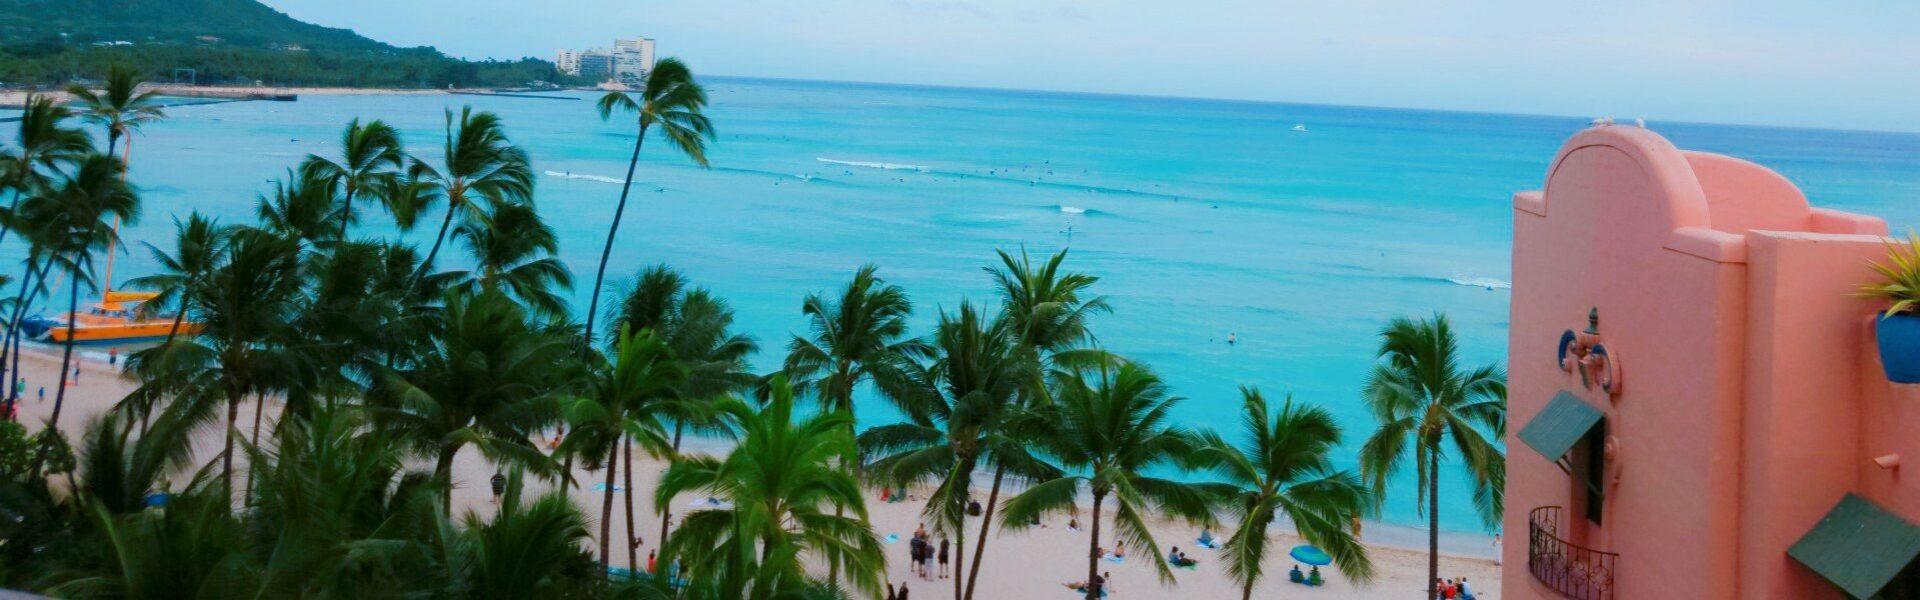 【双子連れ海外旅行】Vo1.ハワイ:双子の海外デビューは2歳。ハワイ4泊5日の旅